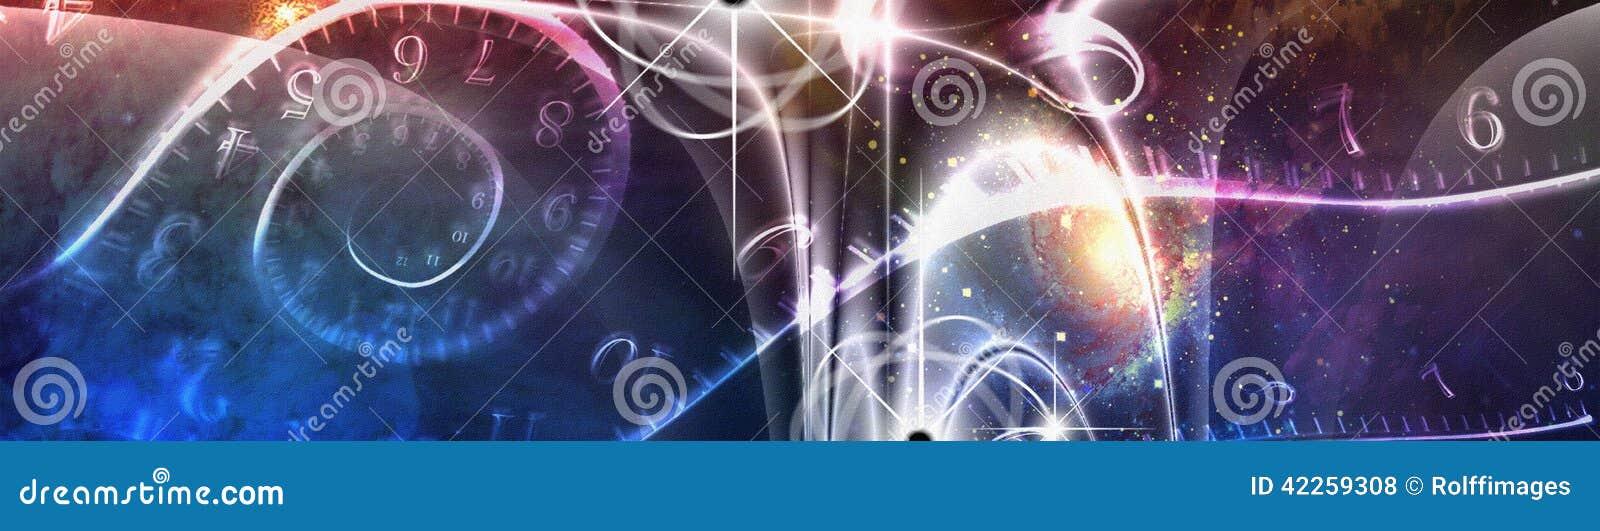 Ilustração do espaço tempo